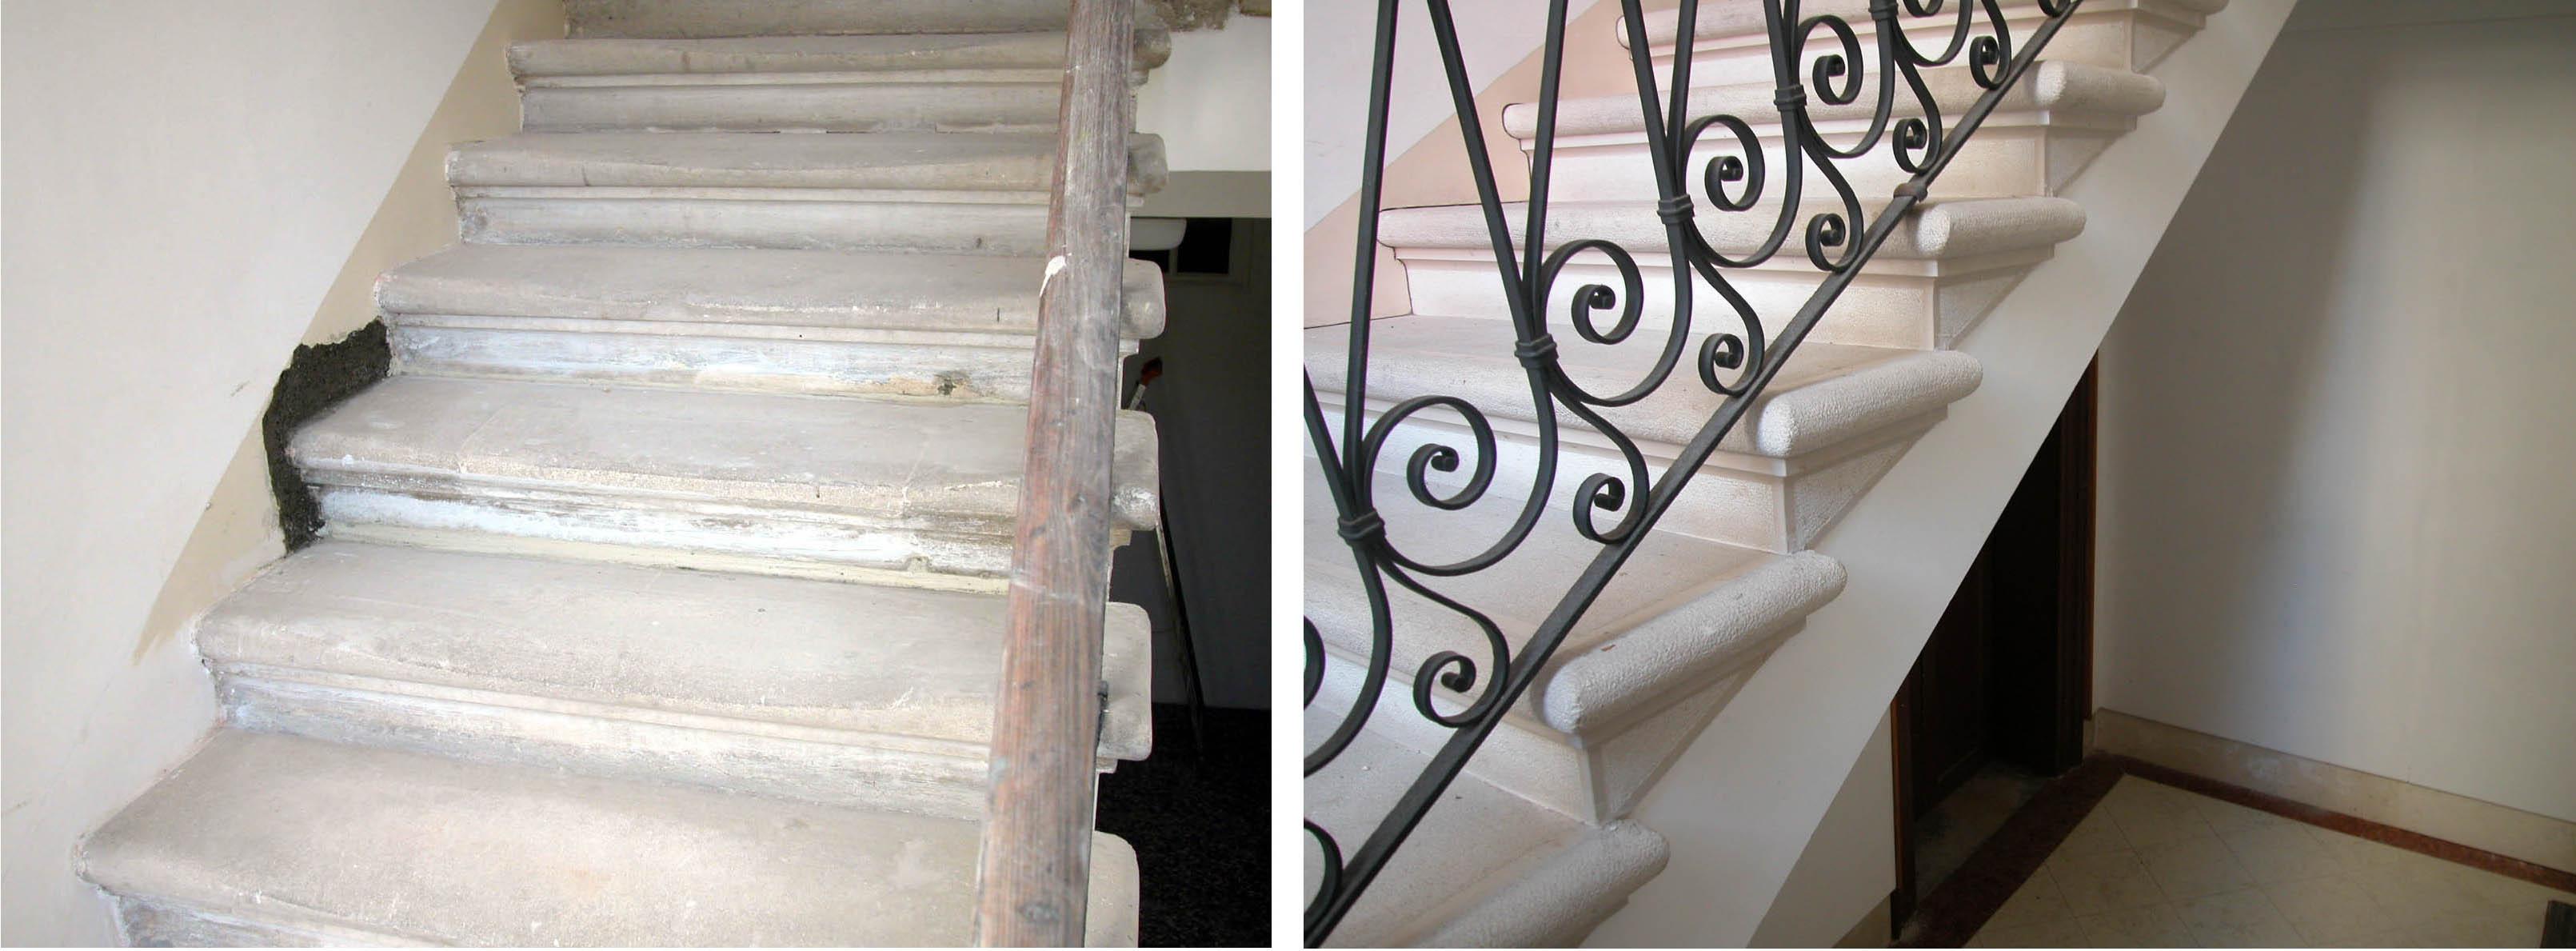 Leandro associati architettura e ingegneria venezia for Arredare pianerottolo scale